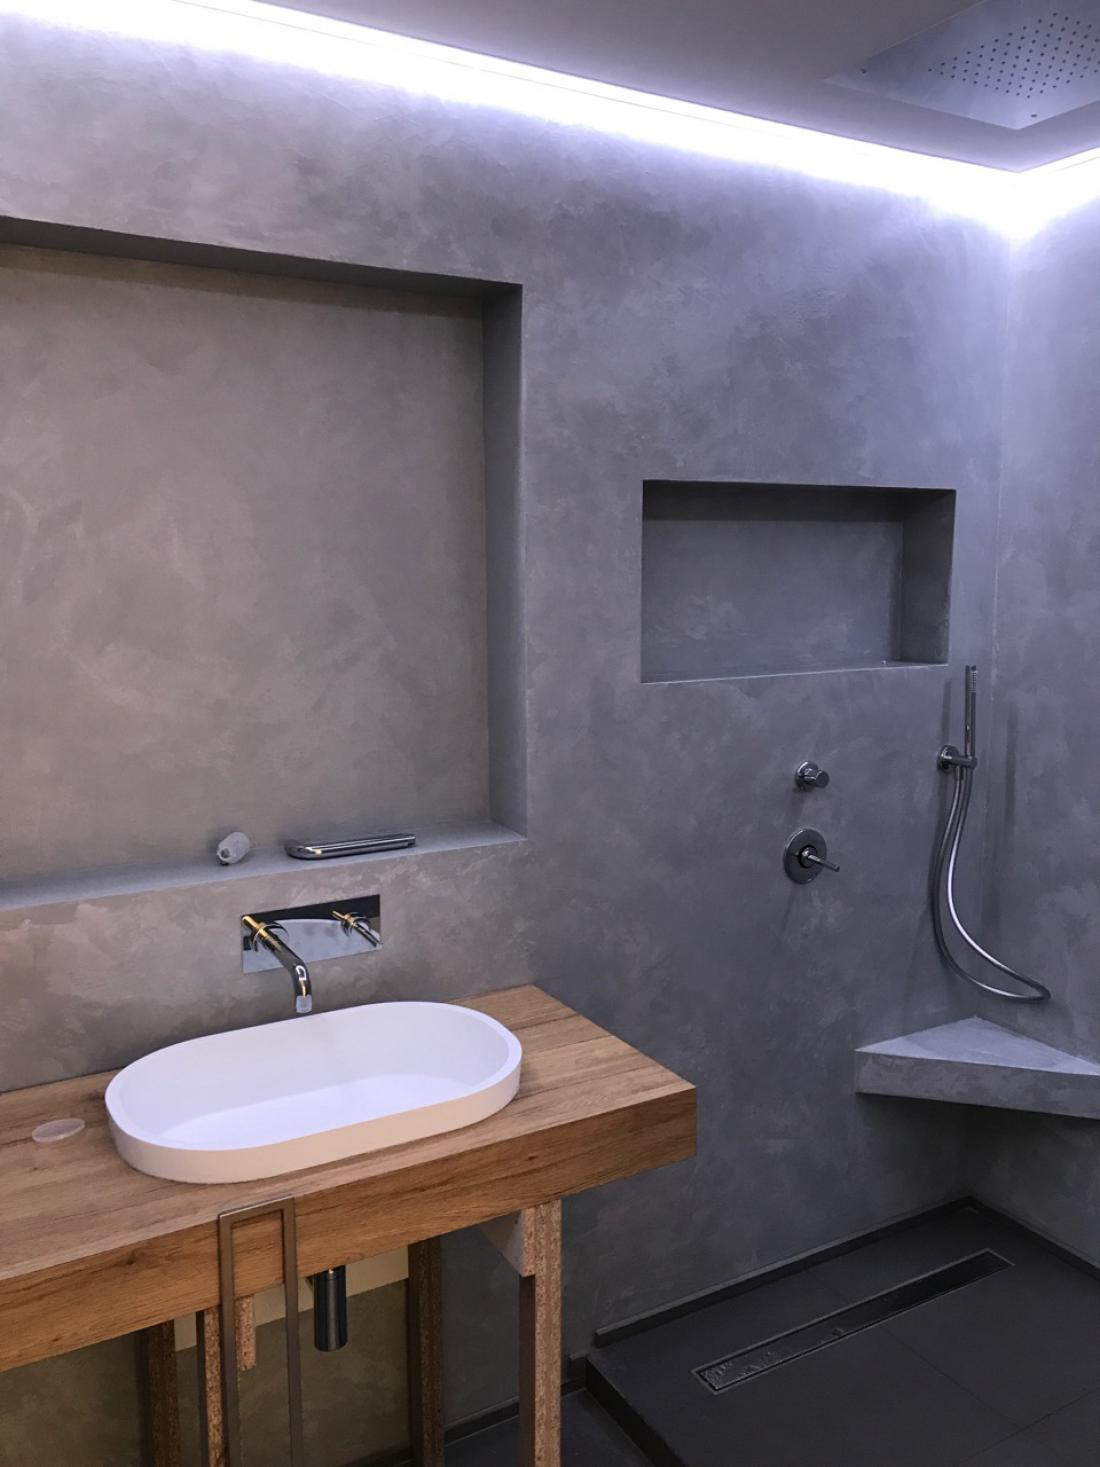 Pogosto se ga uporablja v kopalnicah - kot stenski ali talni premaz, ki je popolnoma brez fug. FOTO: Matjaž Levičnik